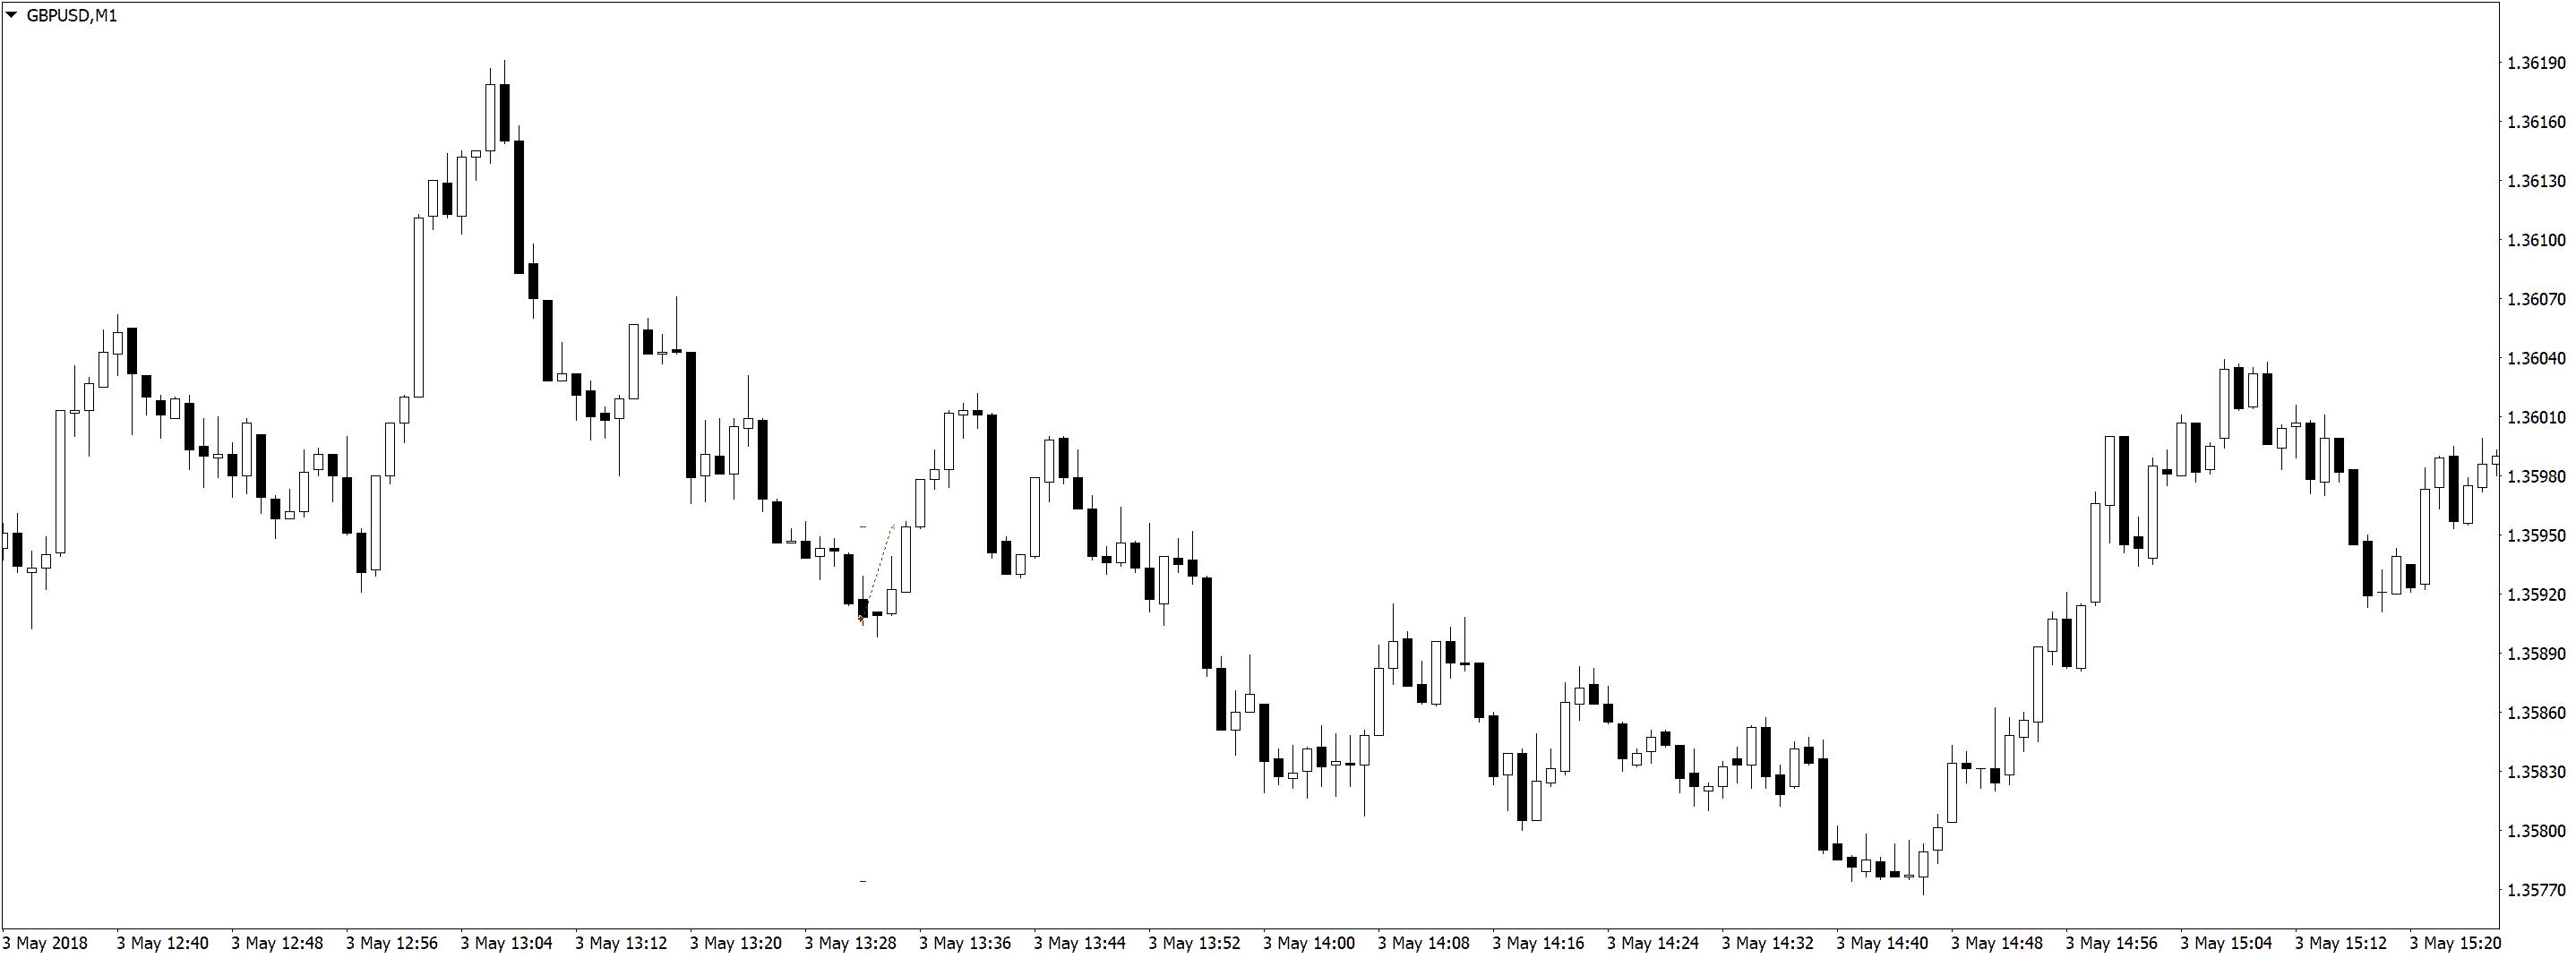 GBPUSDM1 Результаты в трейдинге на форекс, разделение депозита, скальпинг